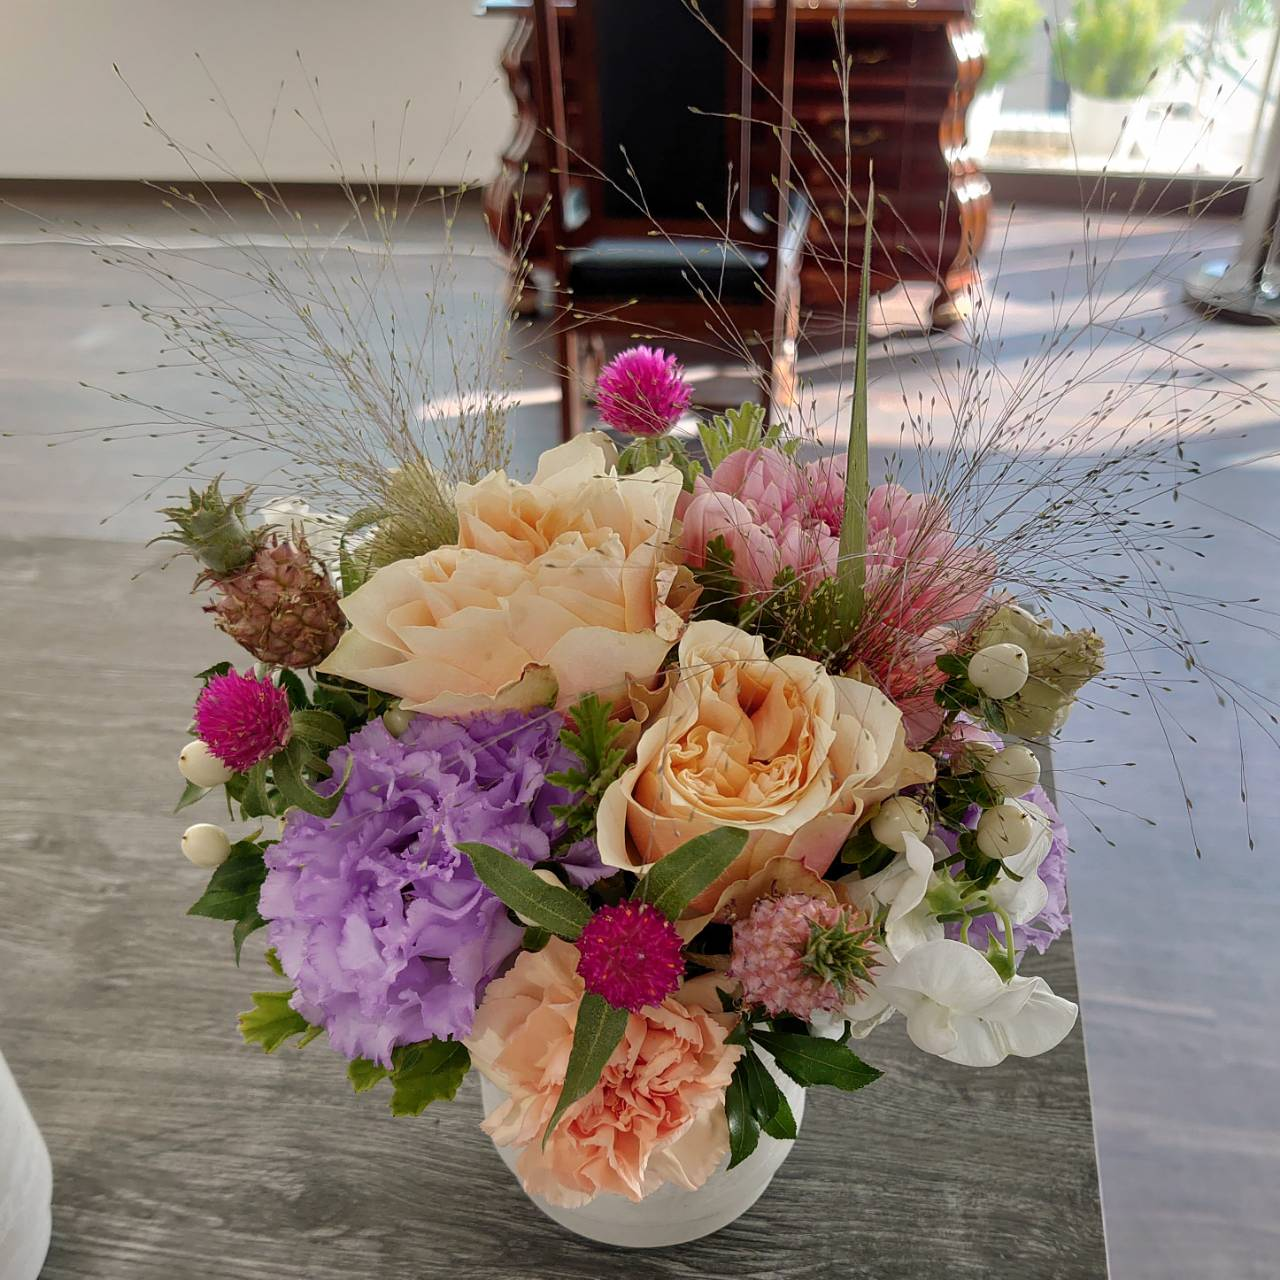 福山でお花のプレゼント